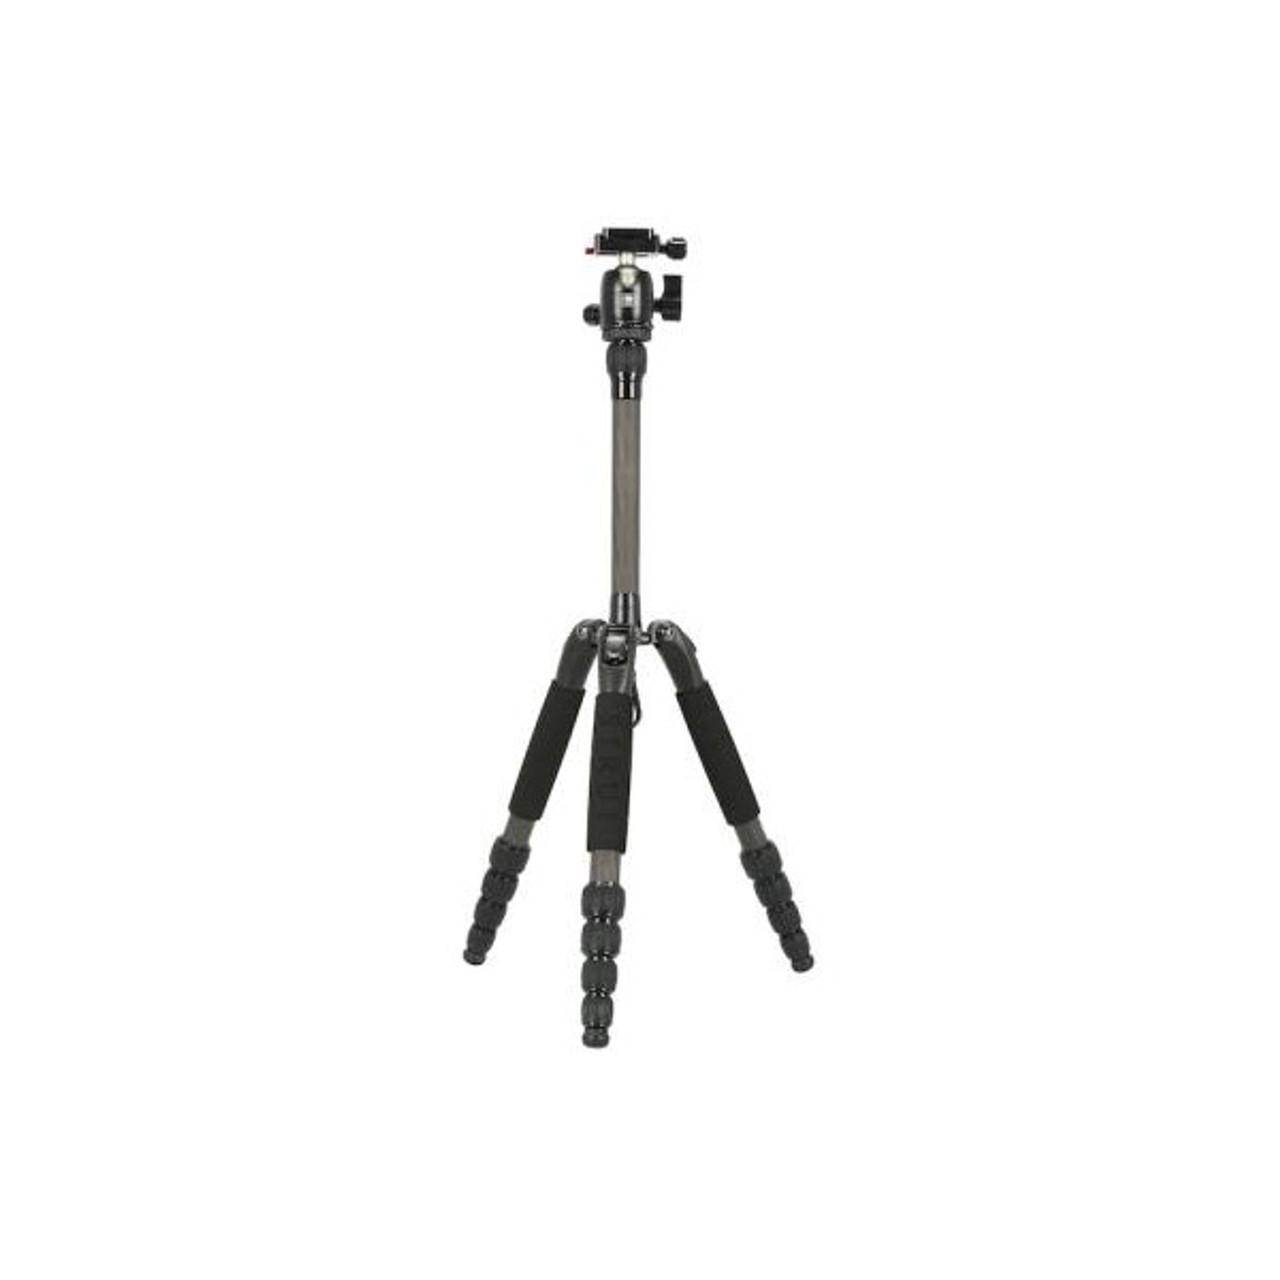 Sirui T-025SK Carbon Fiber 5 Section Tripod Kit